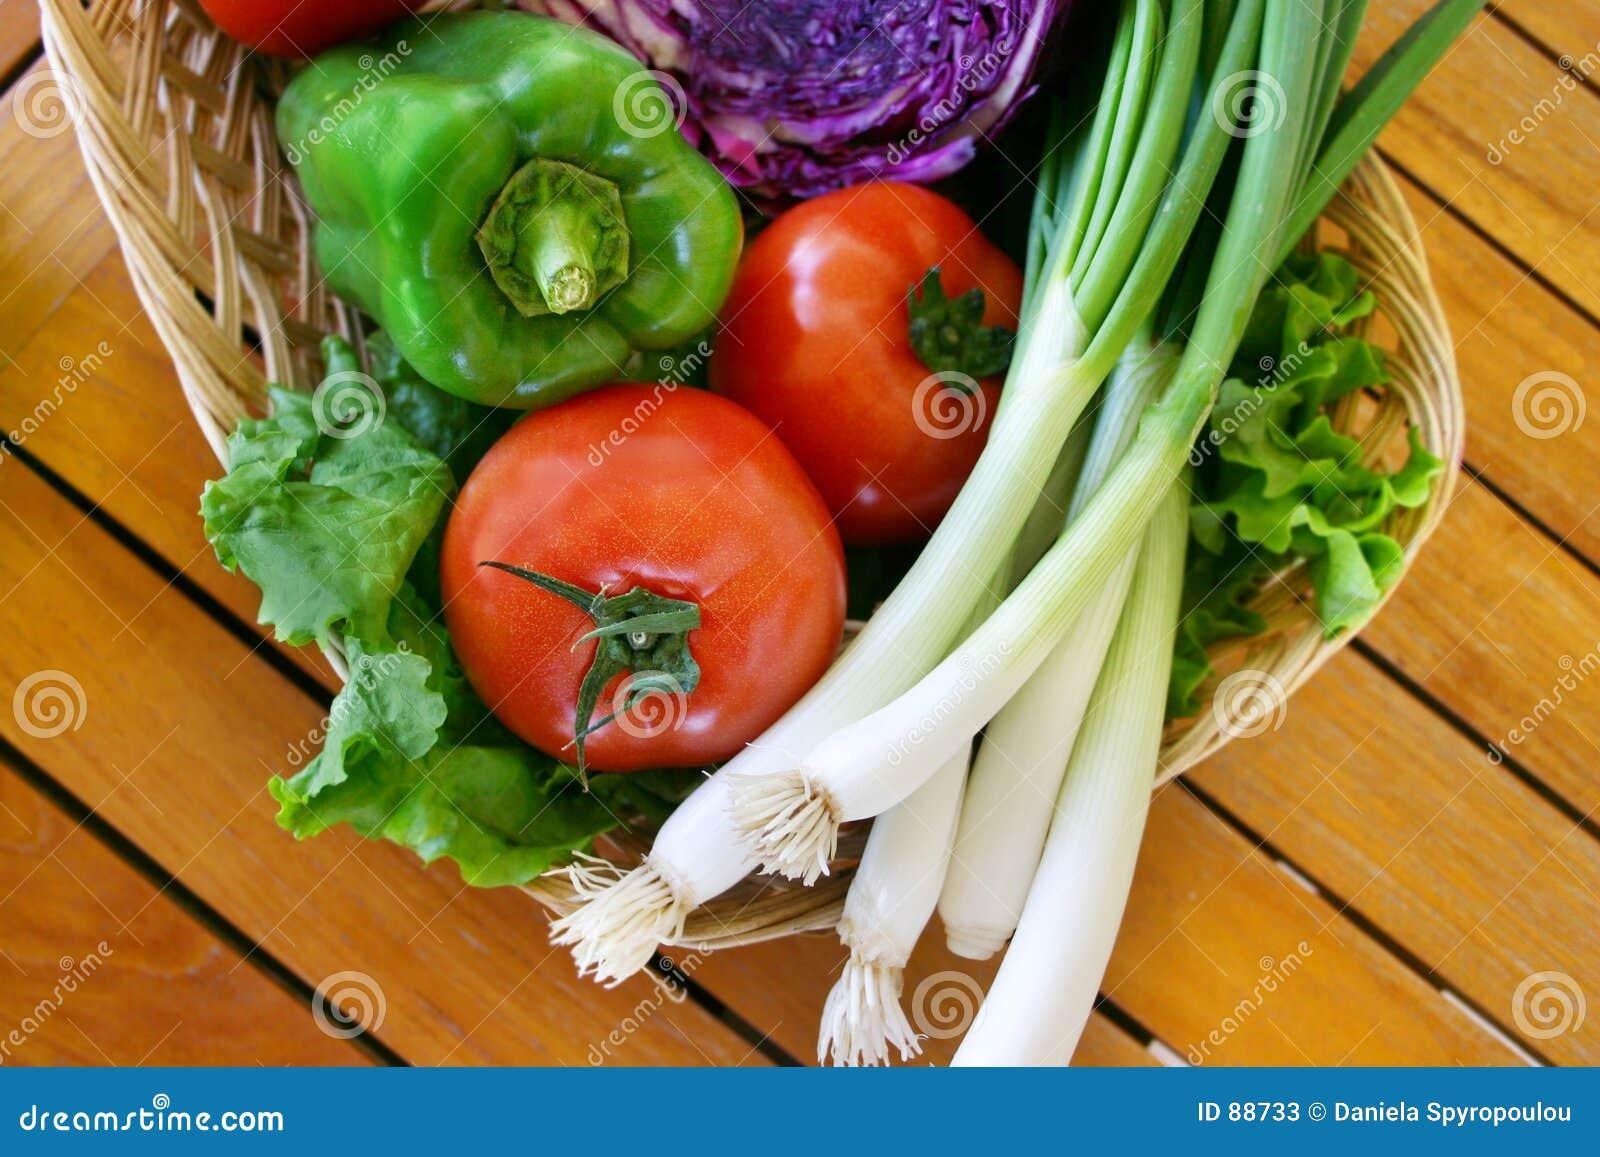 Download świeże warzywa obraz stock. Obraz złożonej z świeży, zdrowy - 88733